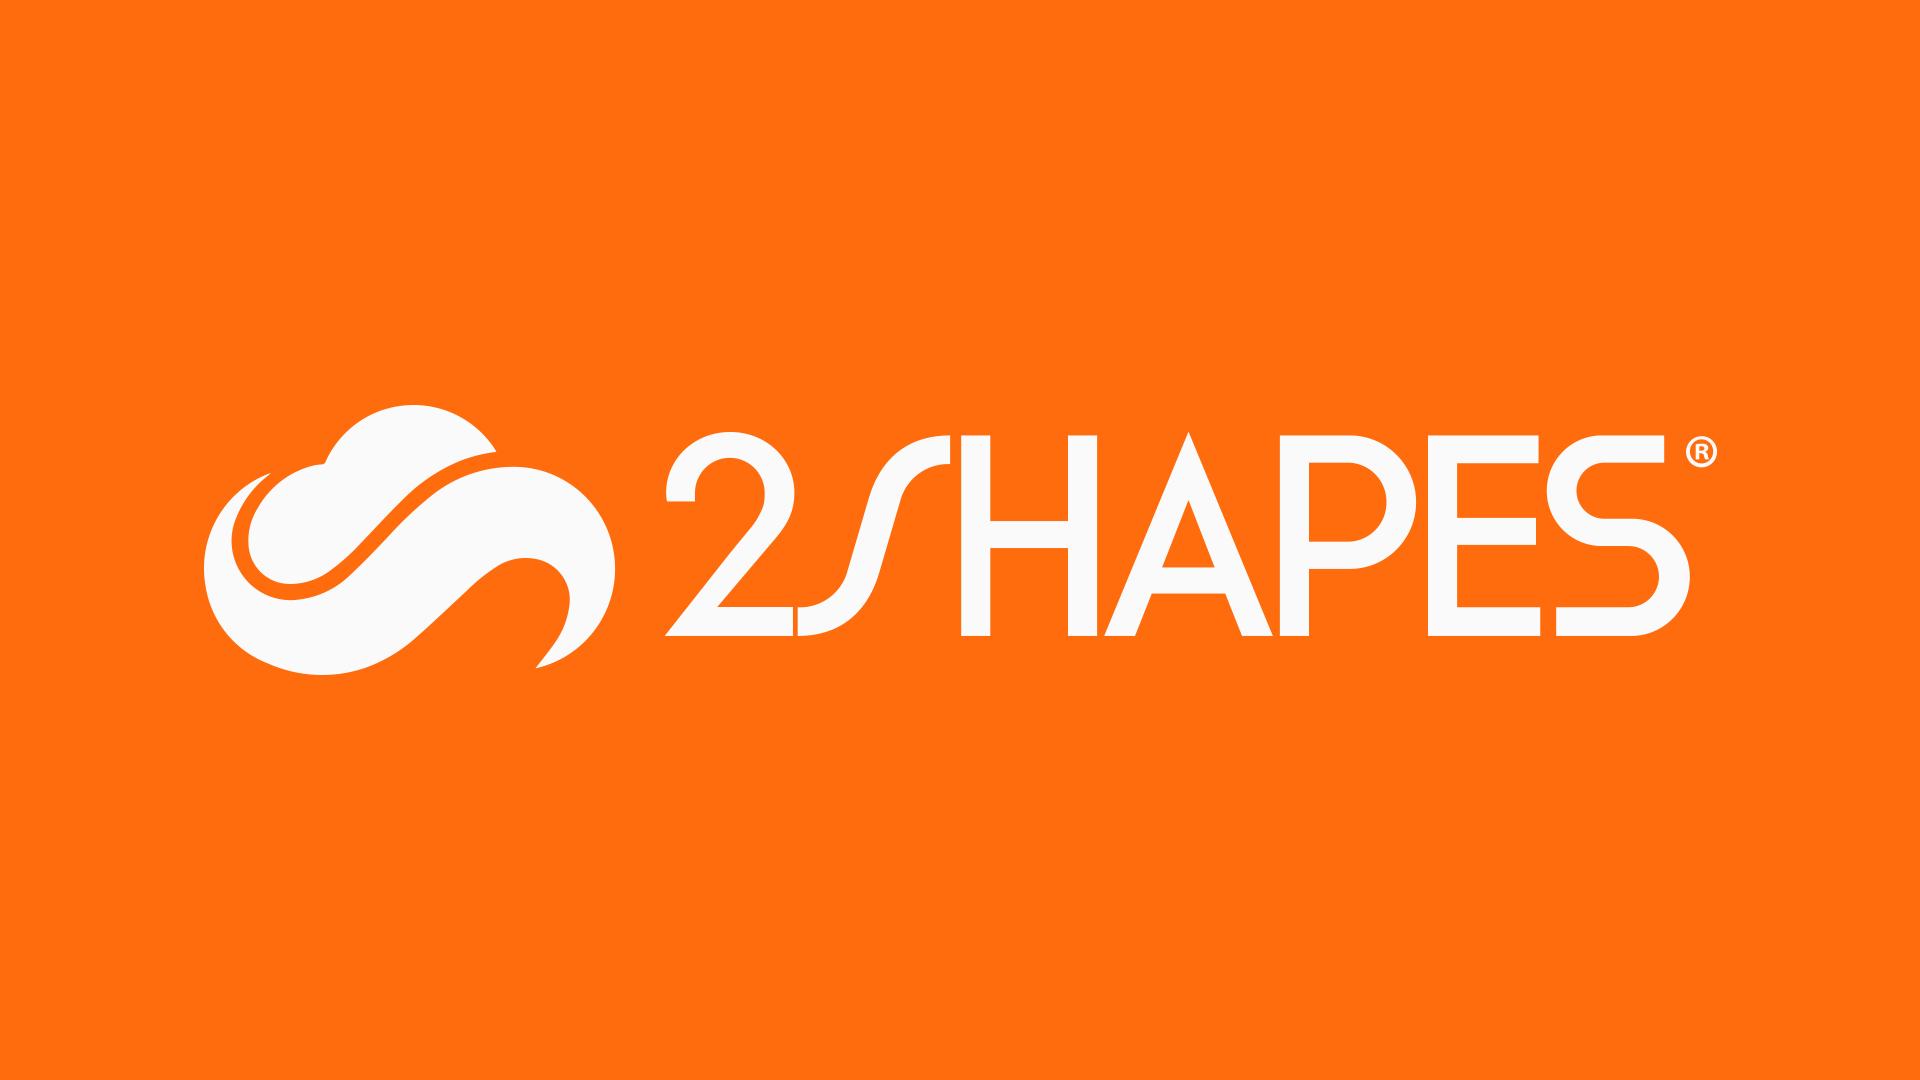 2Shapes Suite